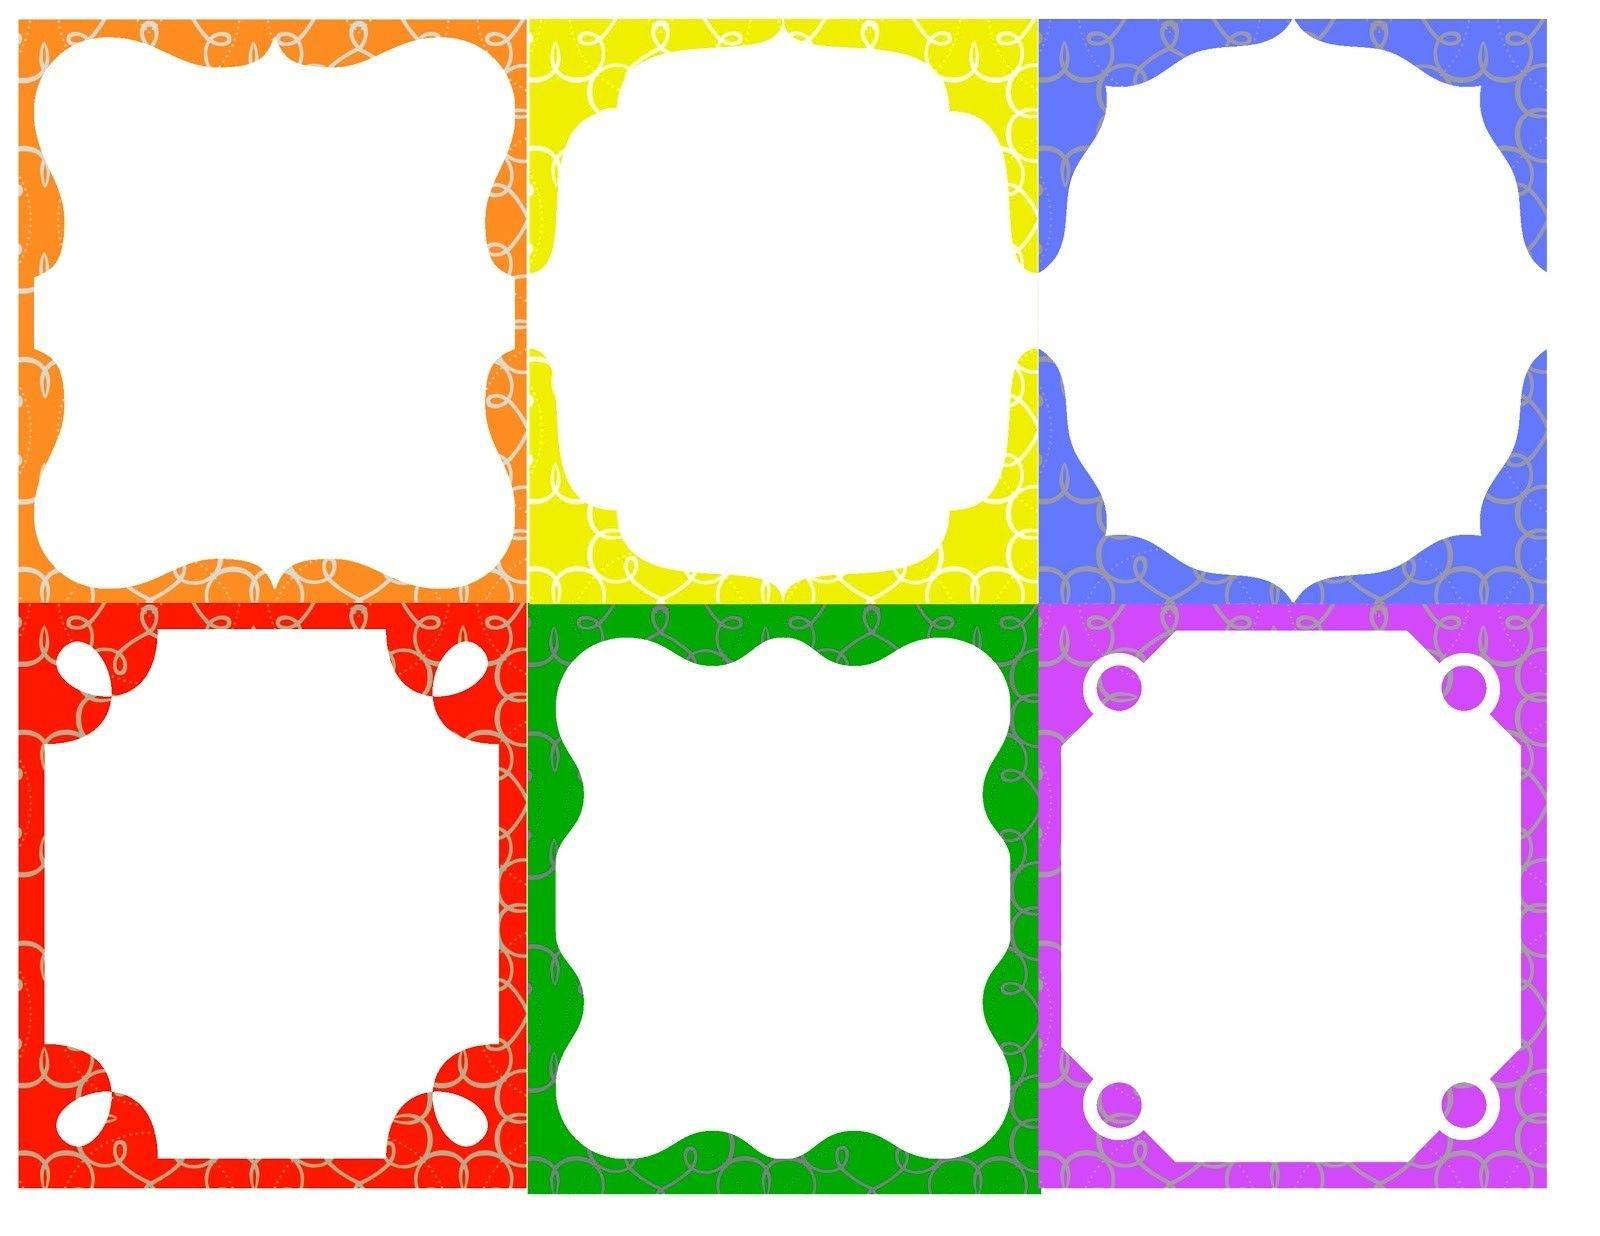 Name+Tag+Templates+Printable+For+Kids | Name Tags | Name Tag - Name Tag Template Free Printable